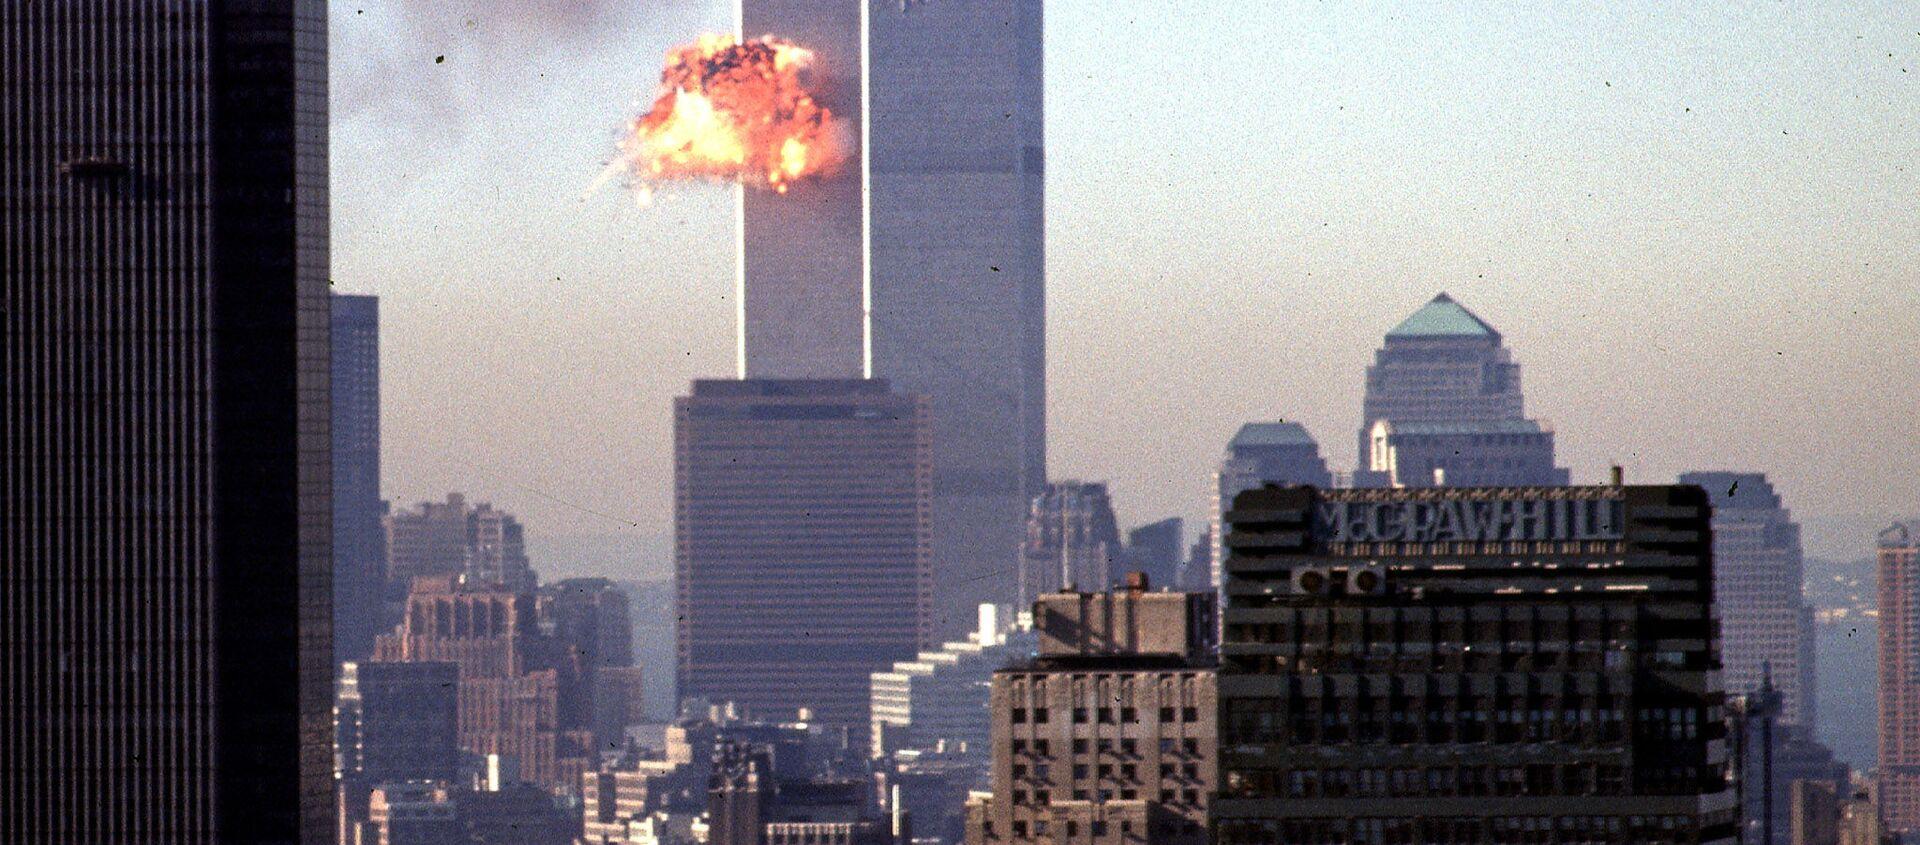 Un avión choca contra las Torres Gemelas de Nueva York el 11 de septiembre de 2001 - Sputnik Mundo, 1920, 11.09.2019